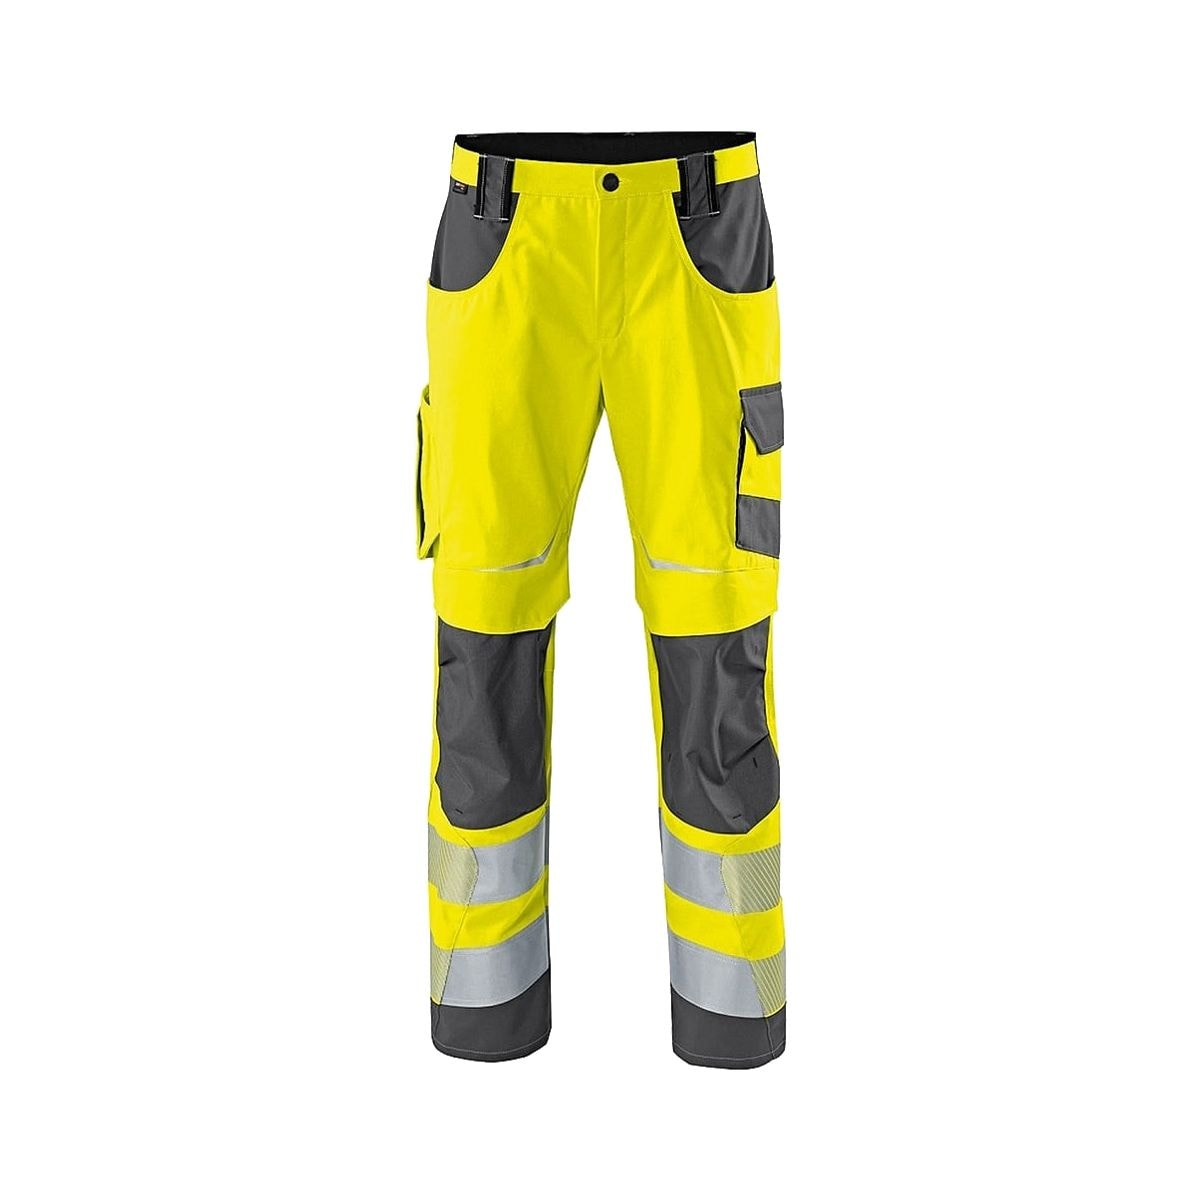 Kübler Warnschutz-Bundhose »REFLECTIQ« Größe 28